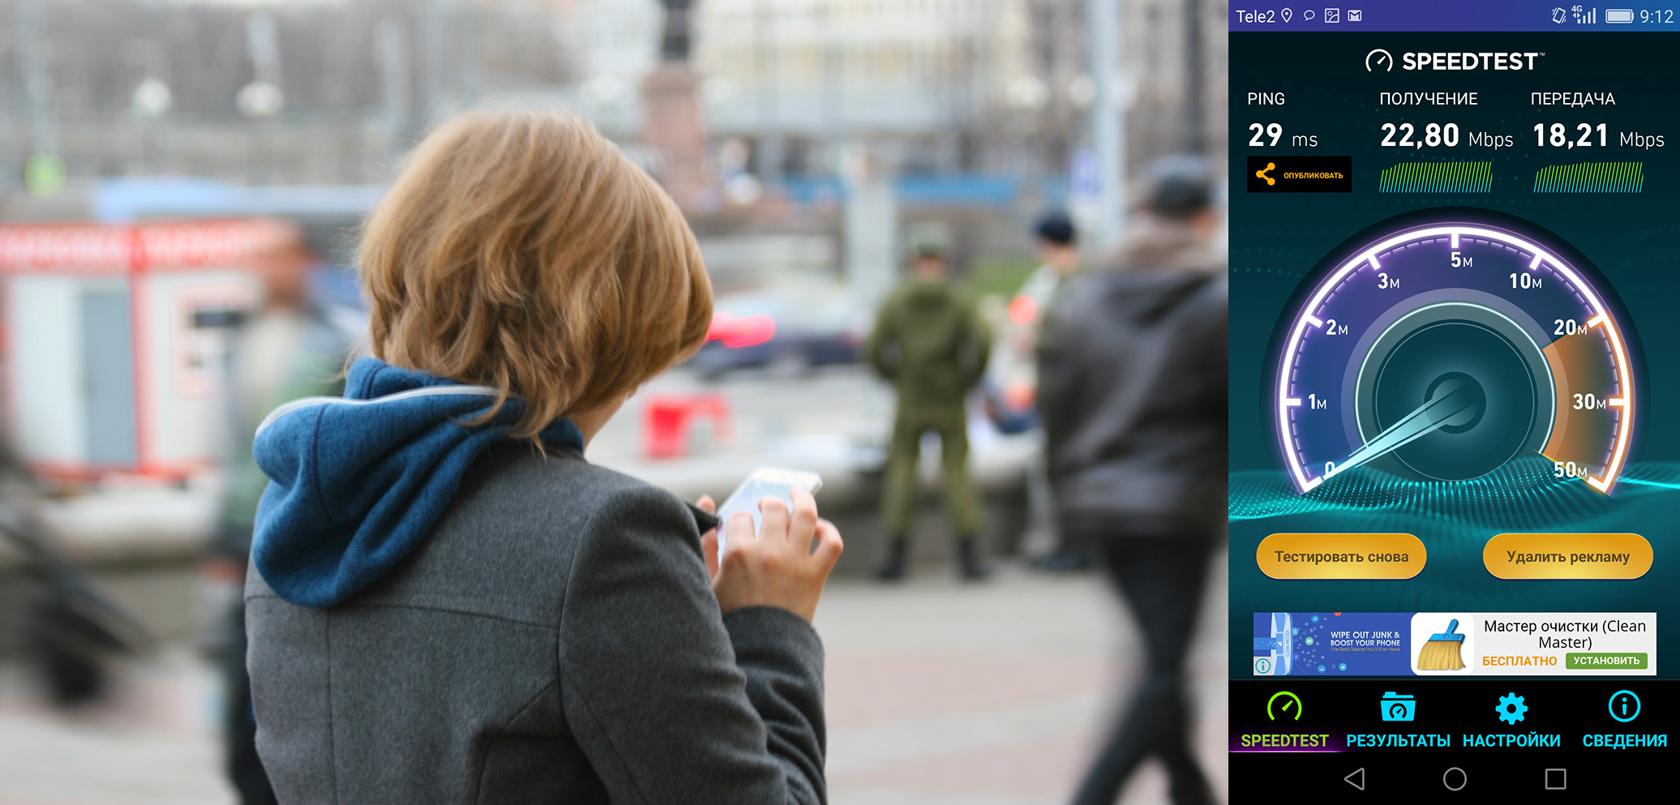 Tele2 в Москве: тестируем сеть нового оператора - 7